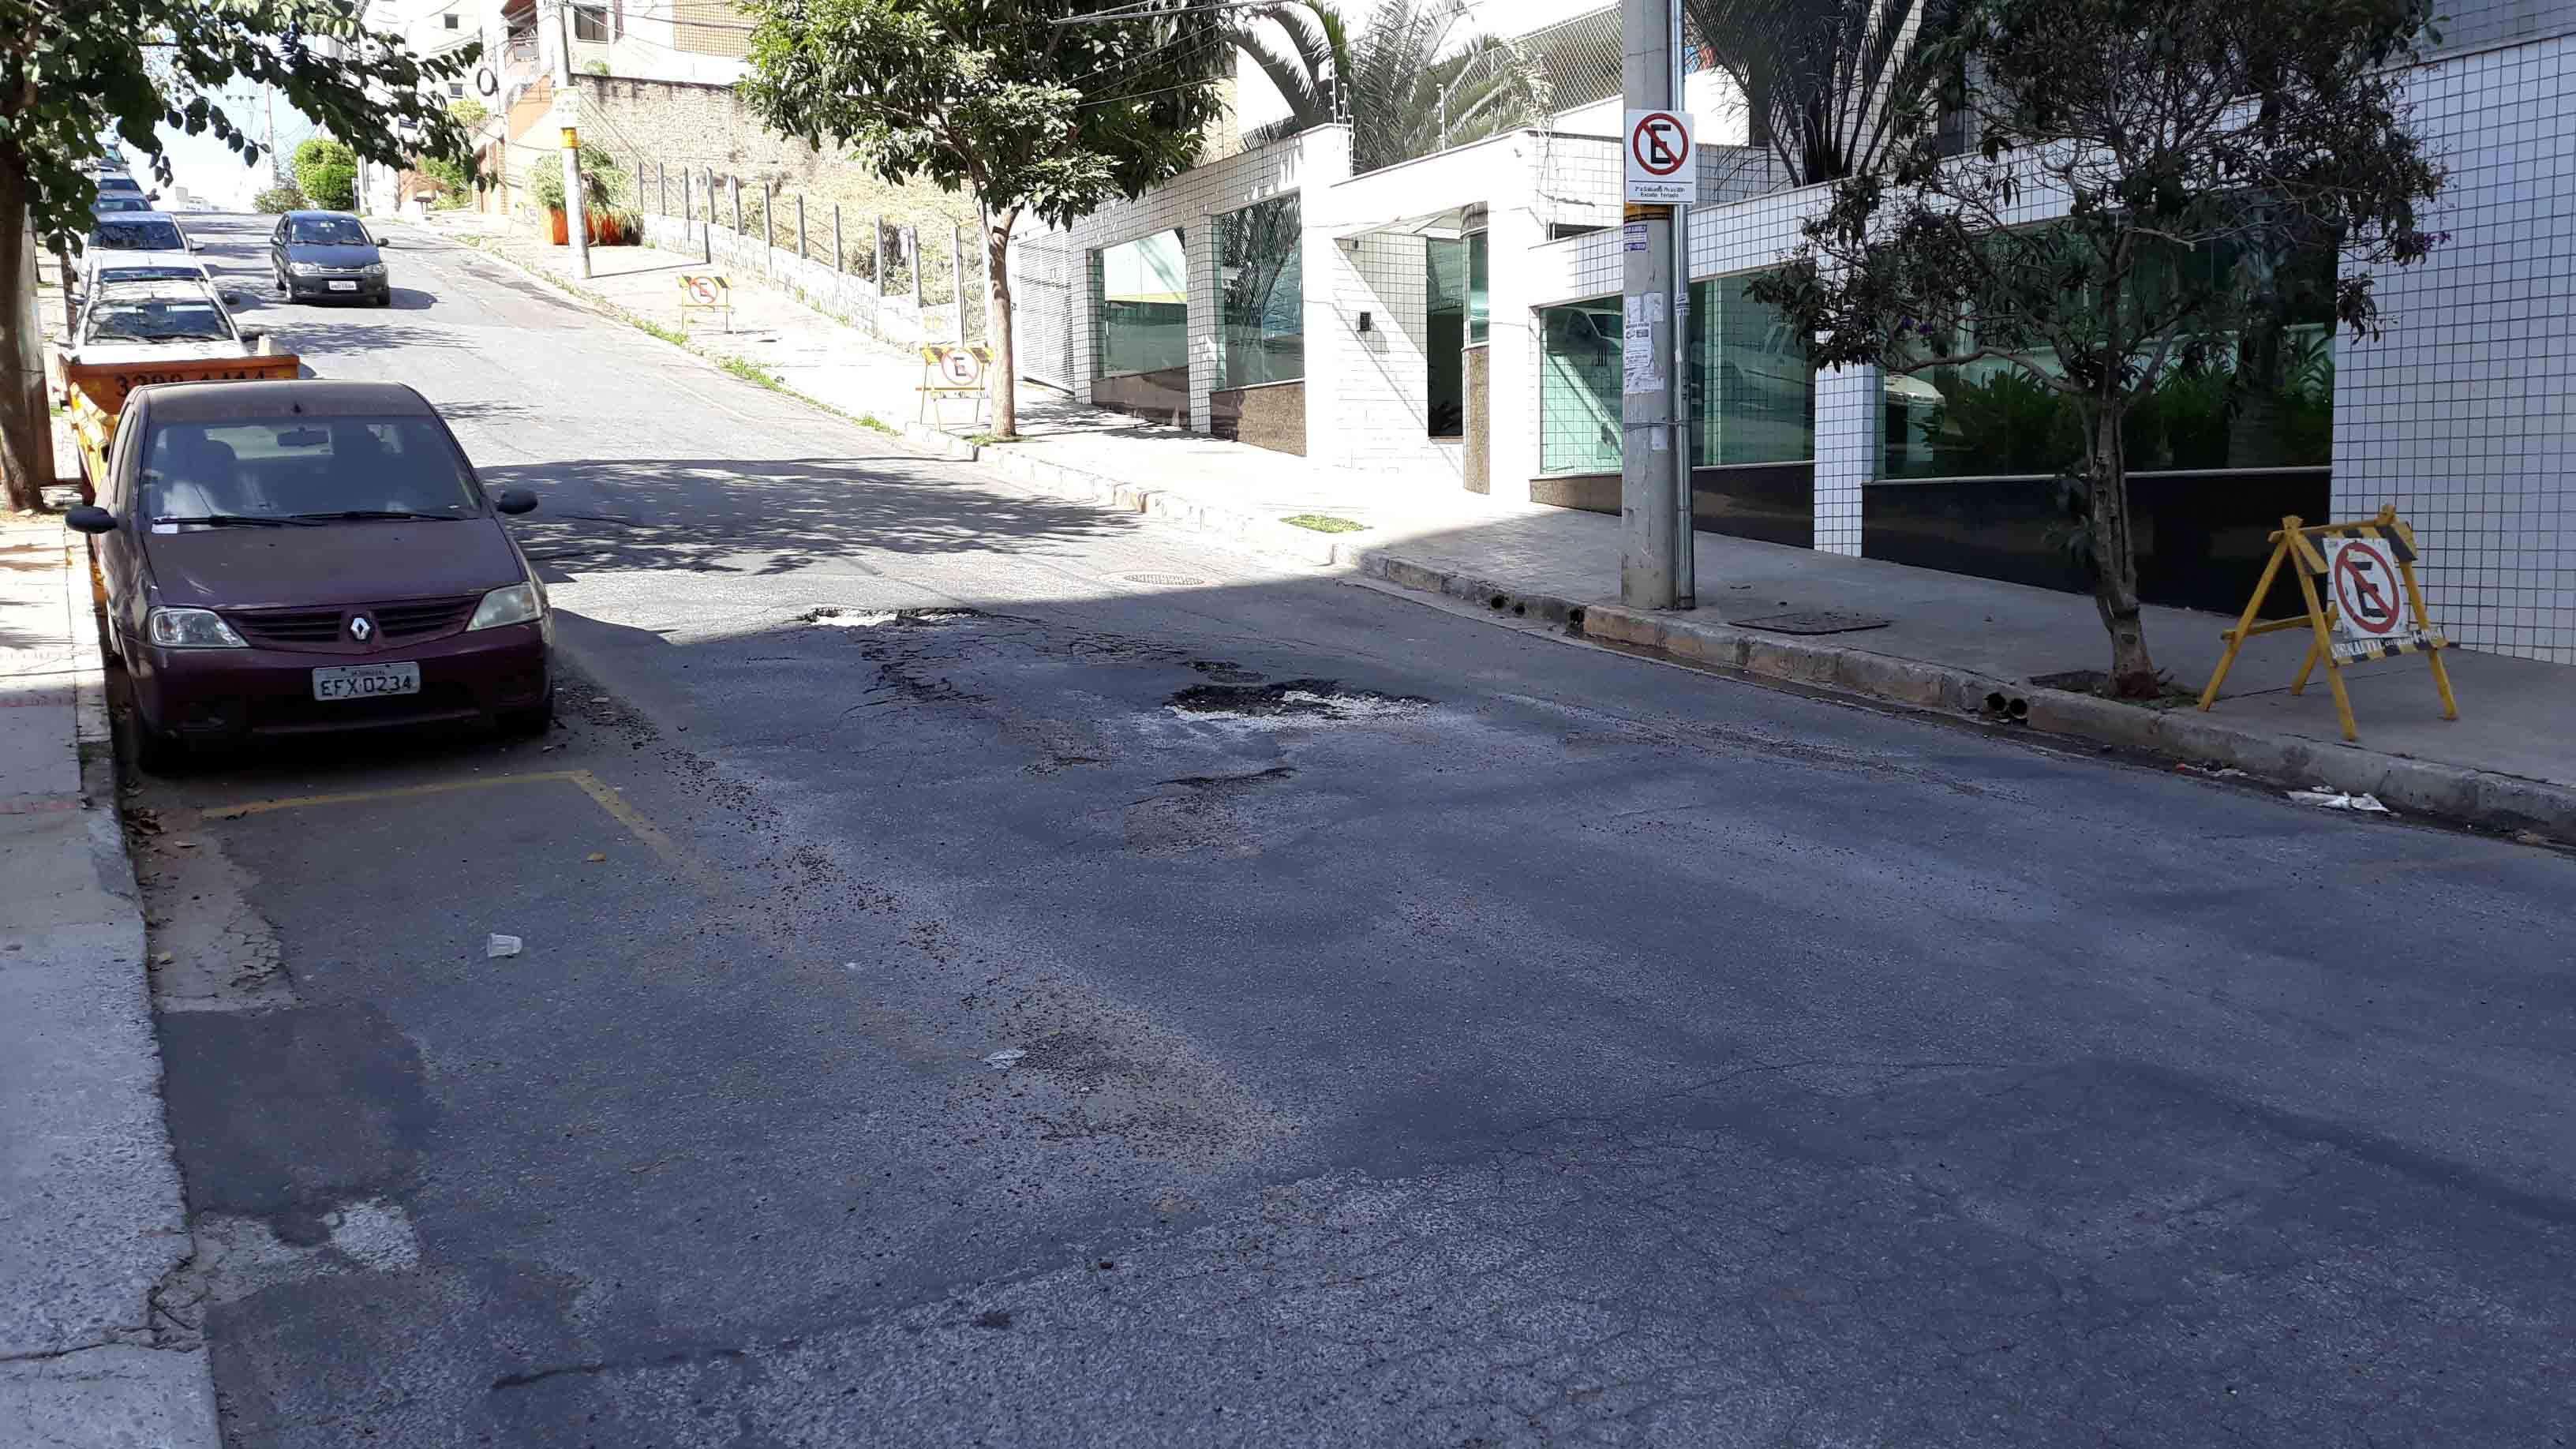 Rua Eli Seabra Filho - Associação de Moradores do Bairro Buritis